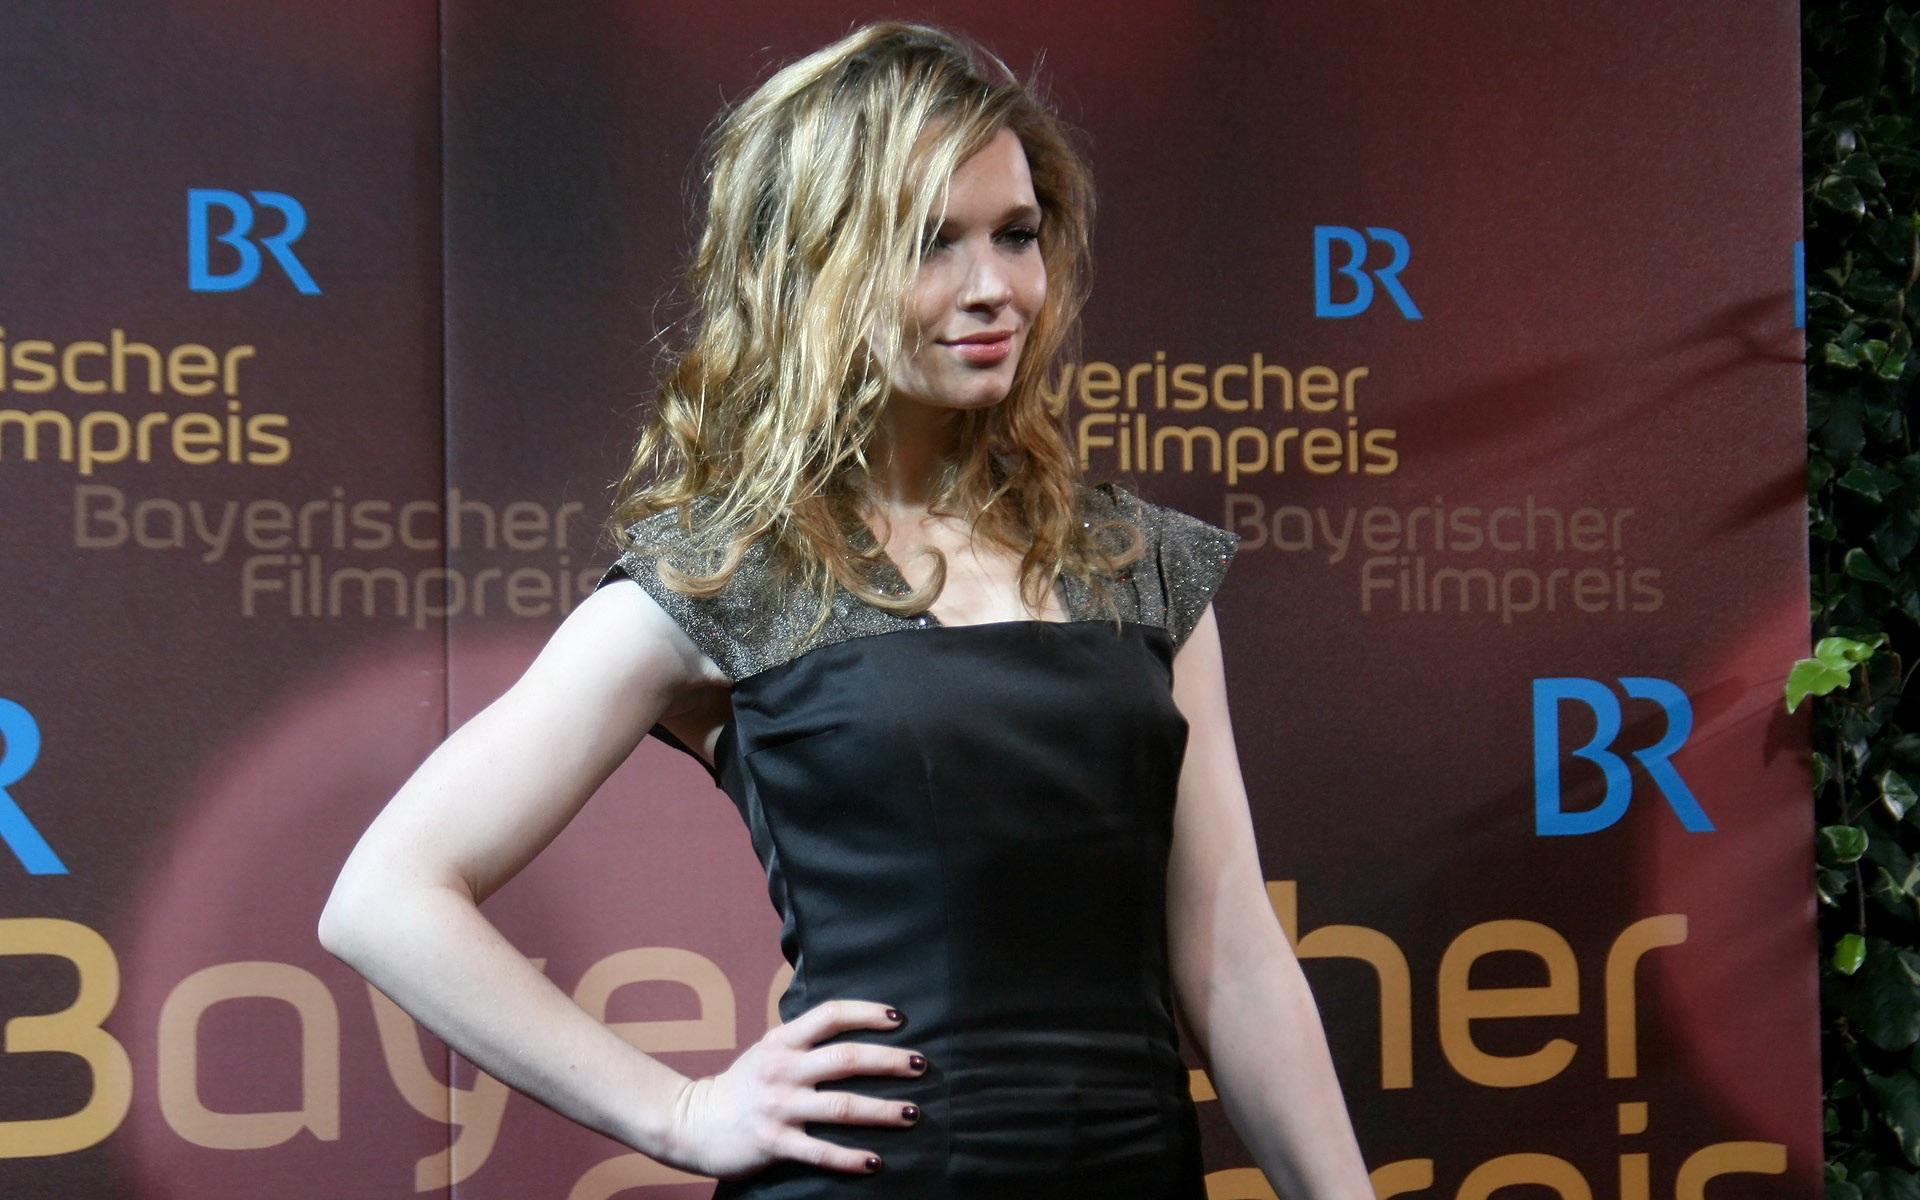 karoline herfurth celebrity wallpaper 58142